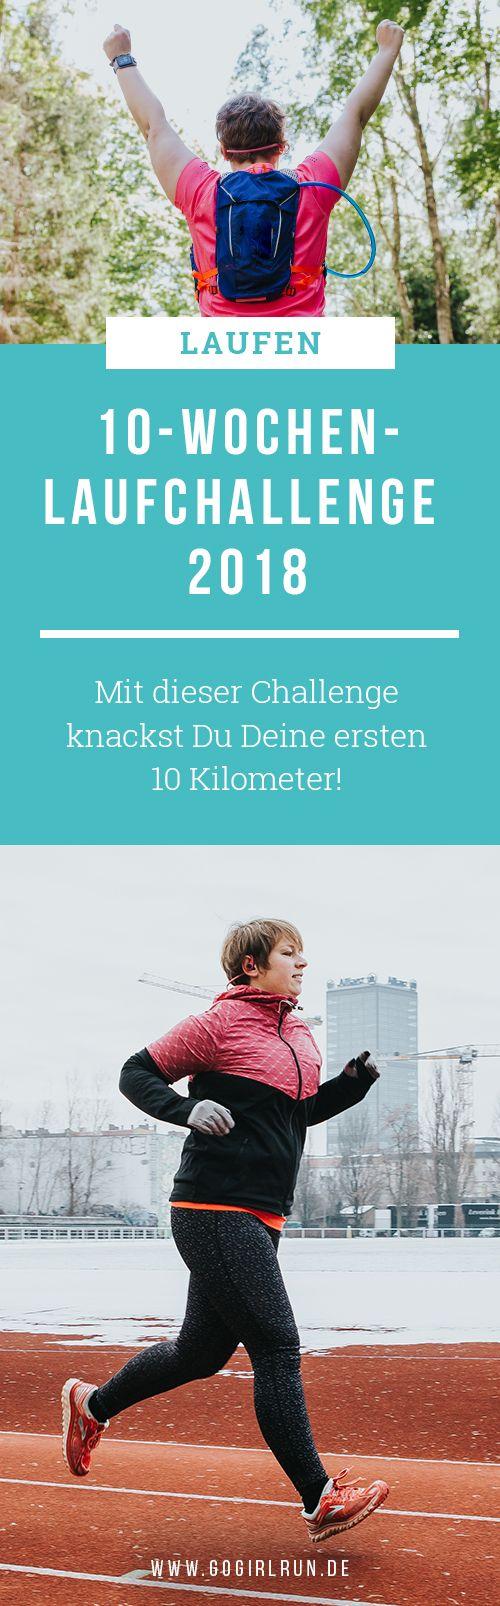 Du möchtest endlich 10 Kilometer am Stück laufen? Mit diesem Trainingsplan gelingt es Dir nach 10 Wochen 10 Kilometer zu laufen.